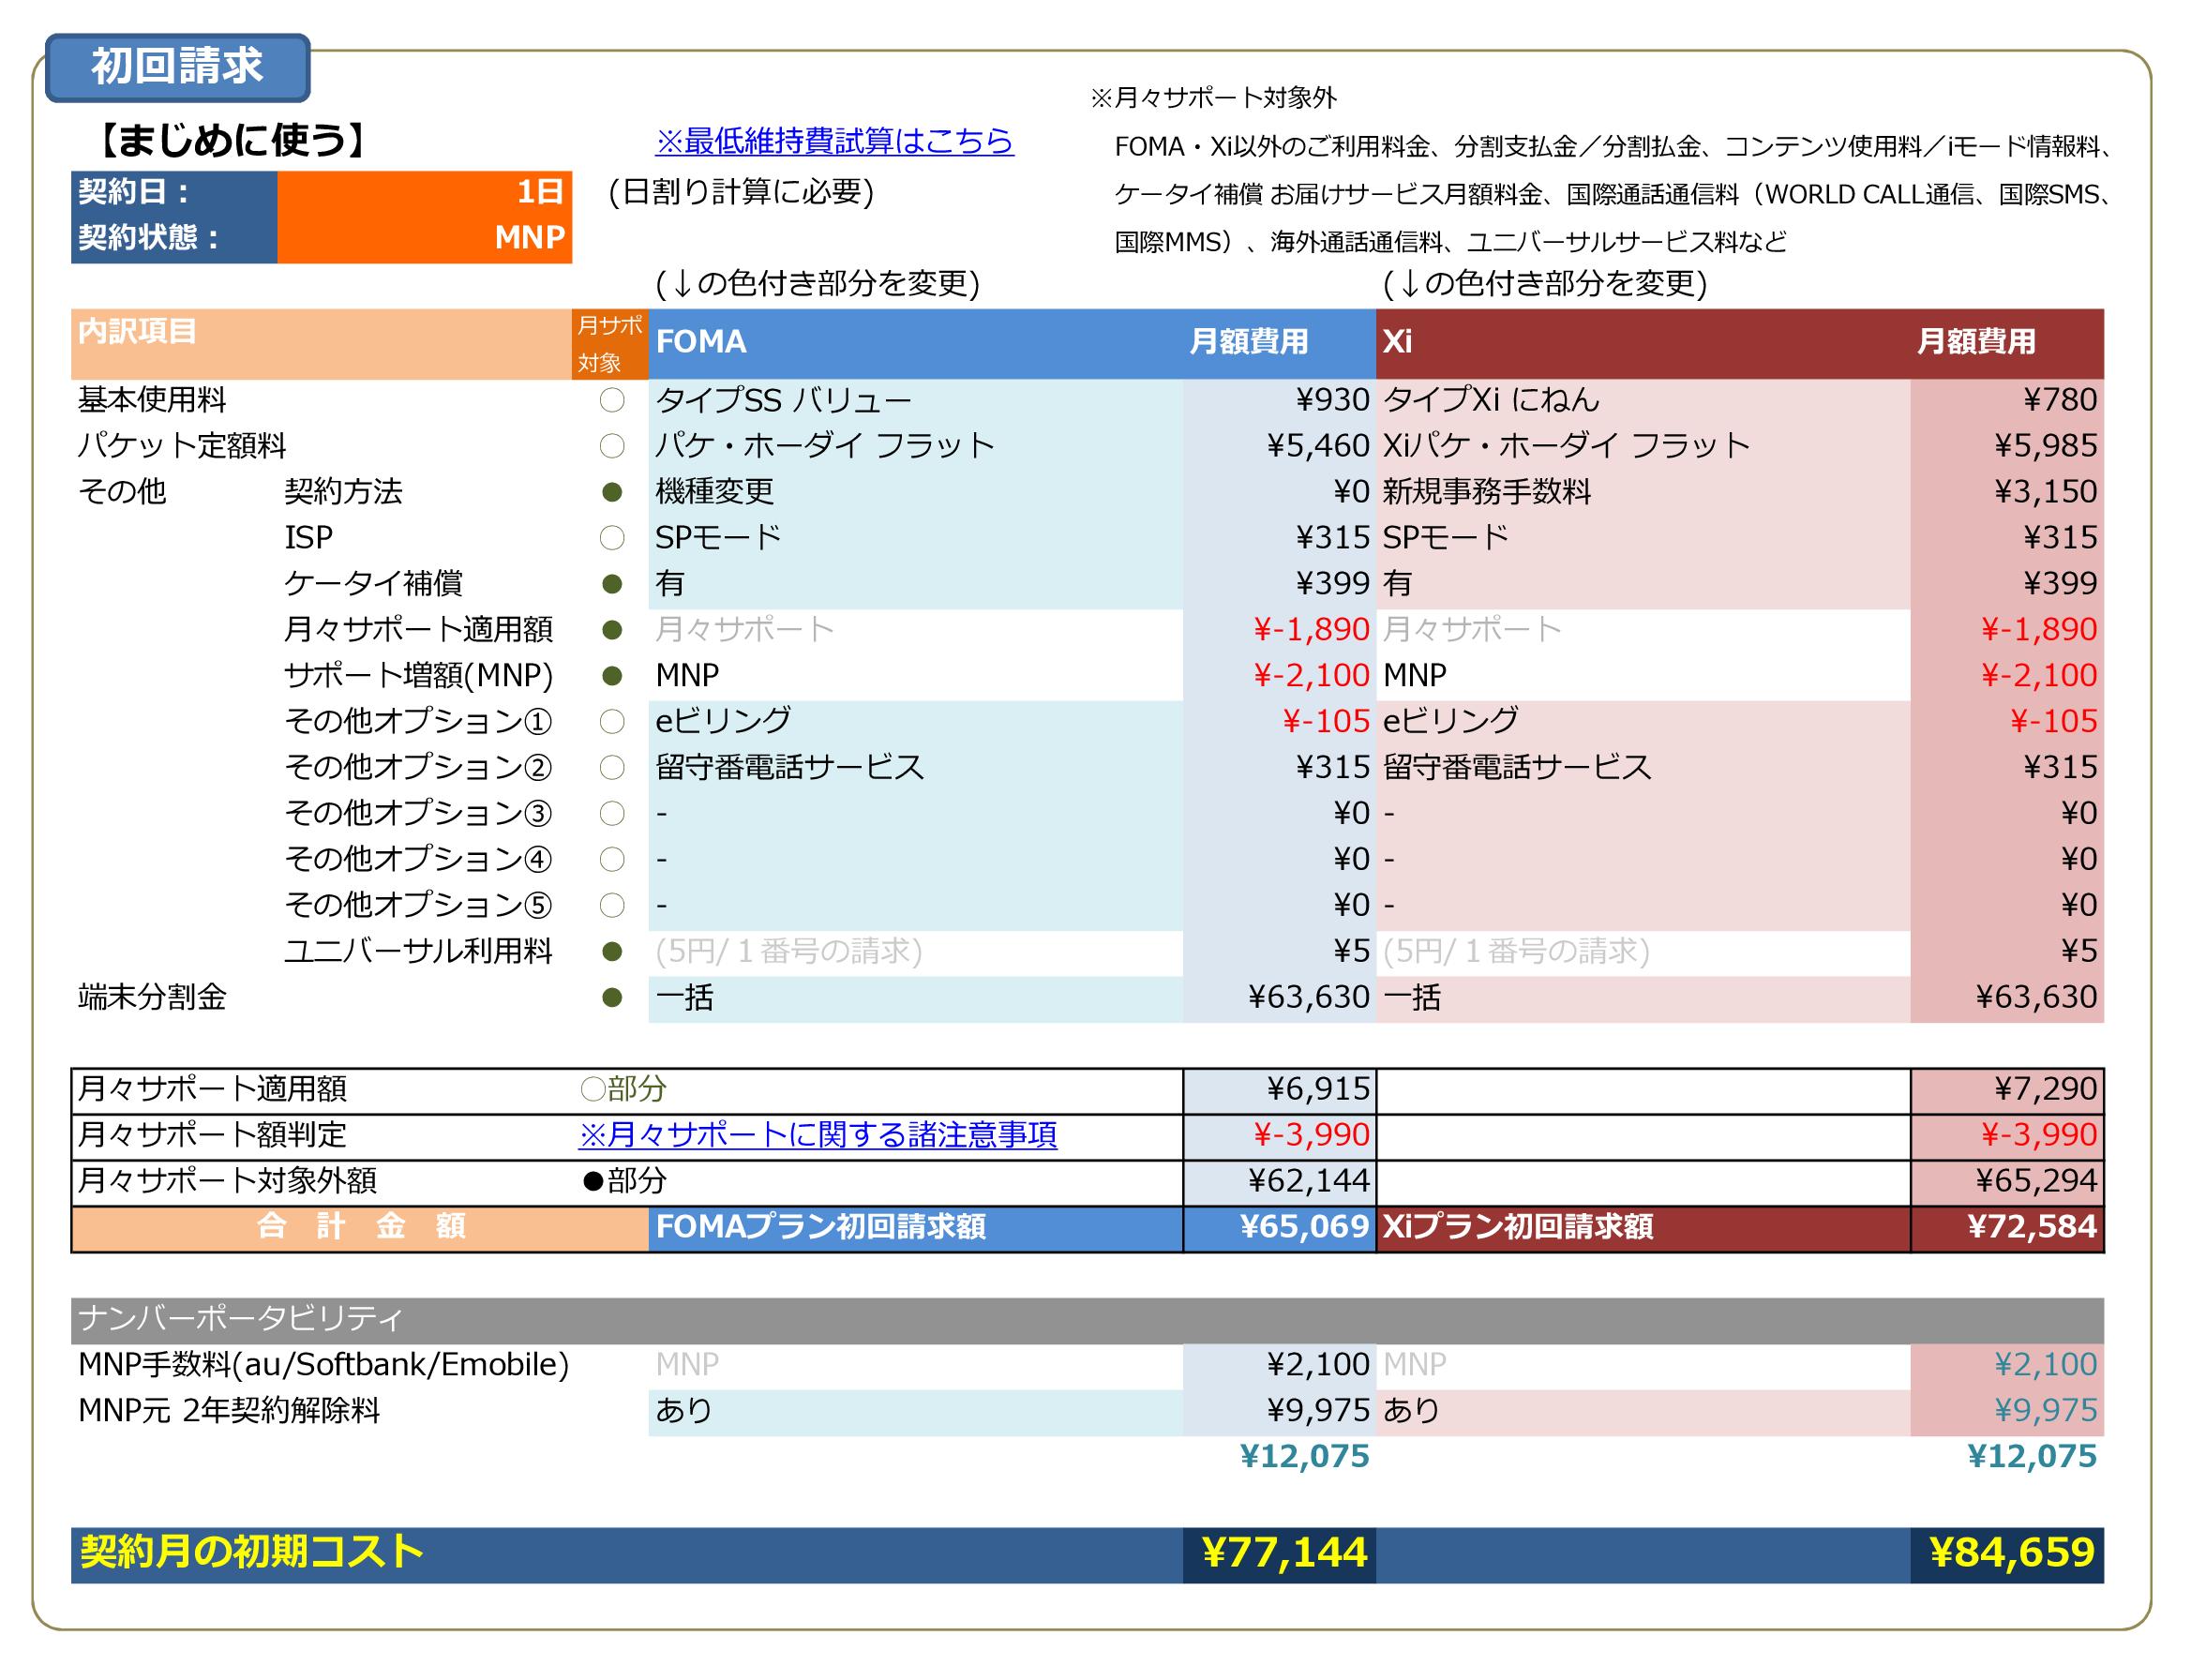 【コラム】ドコモ支払いシミュレータv0.9作ってみた